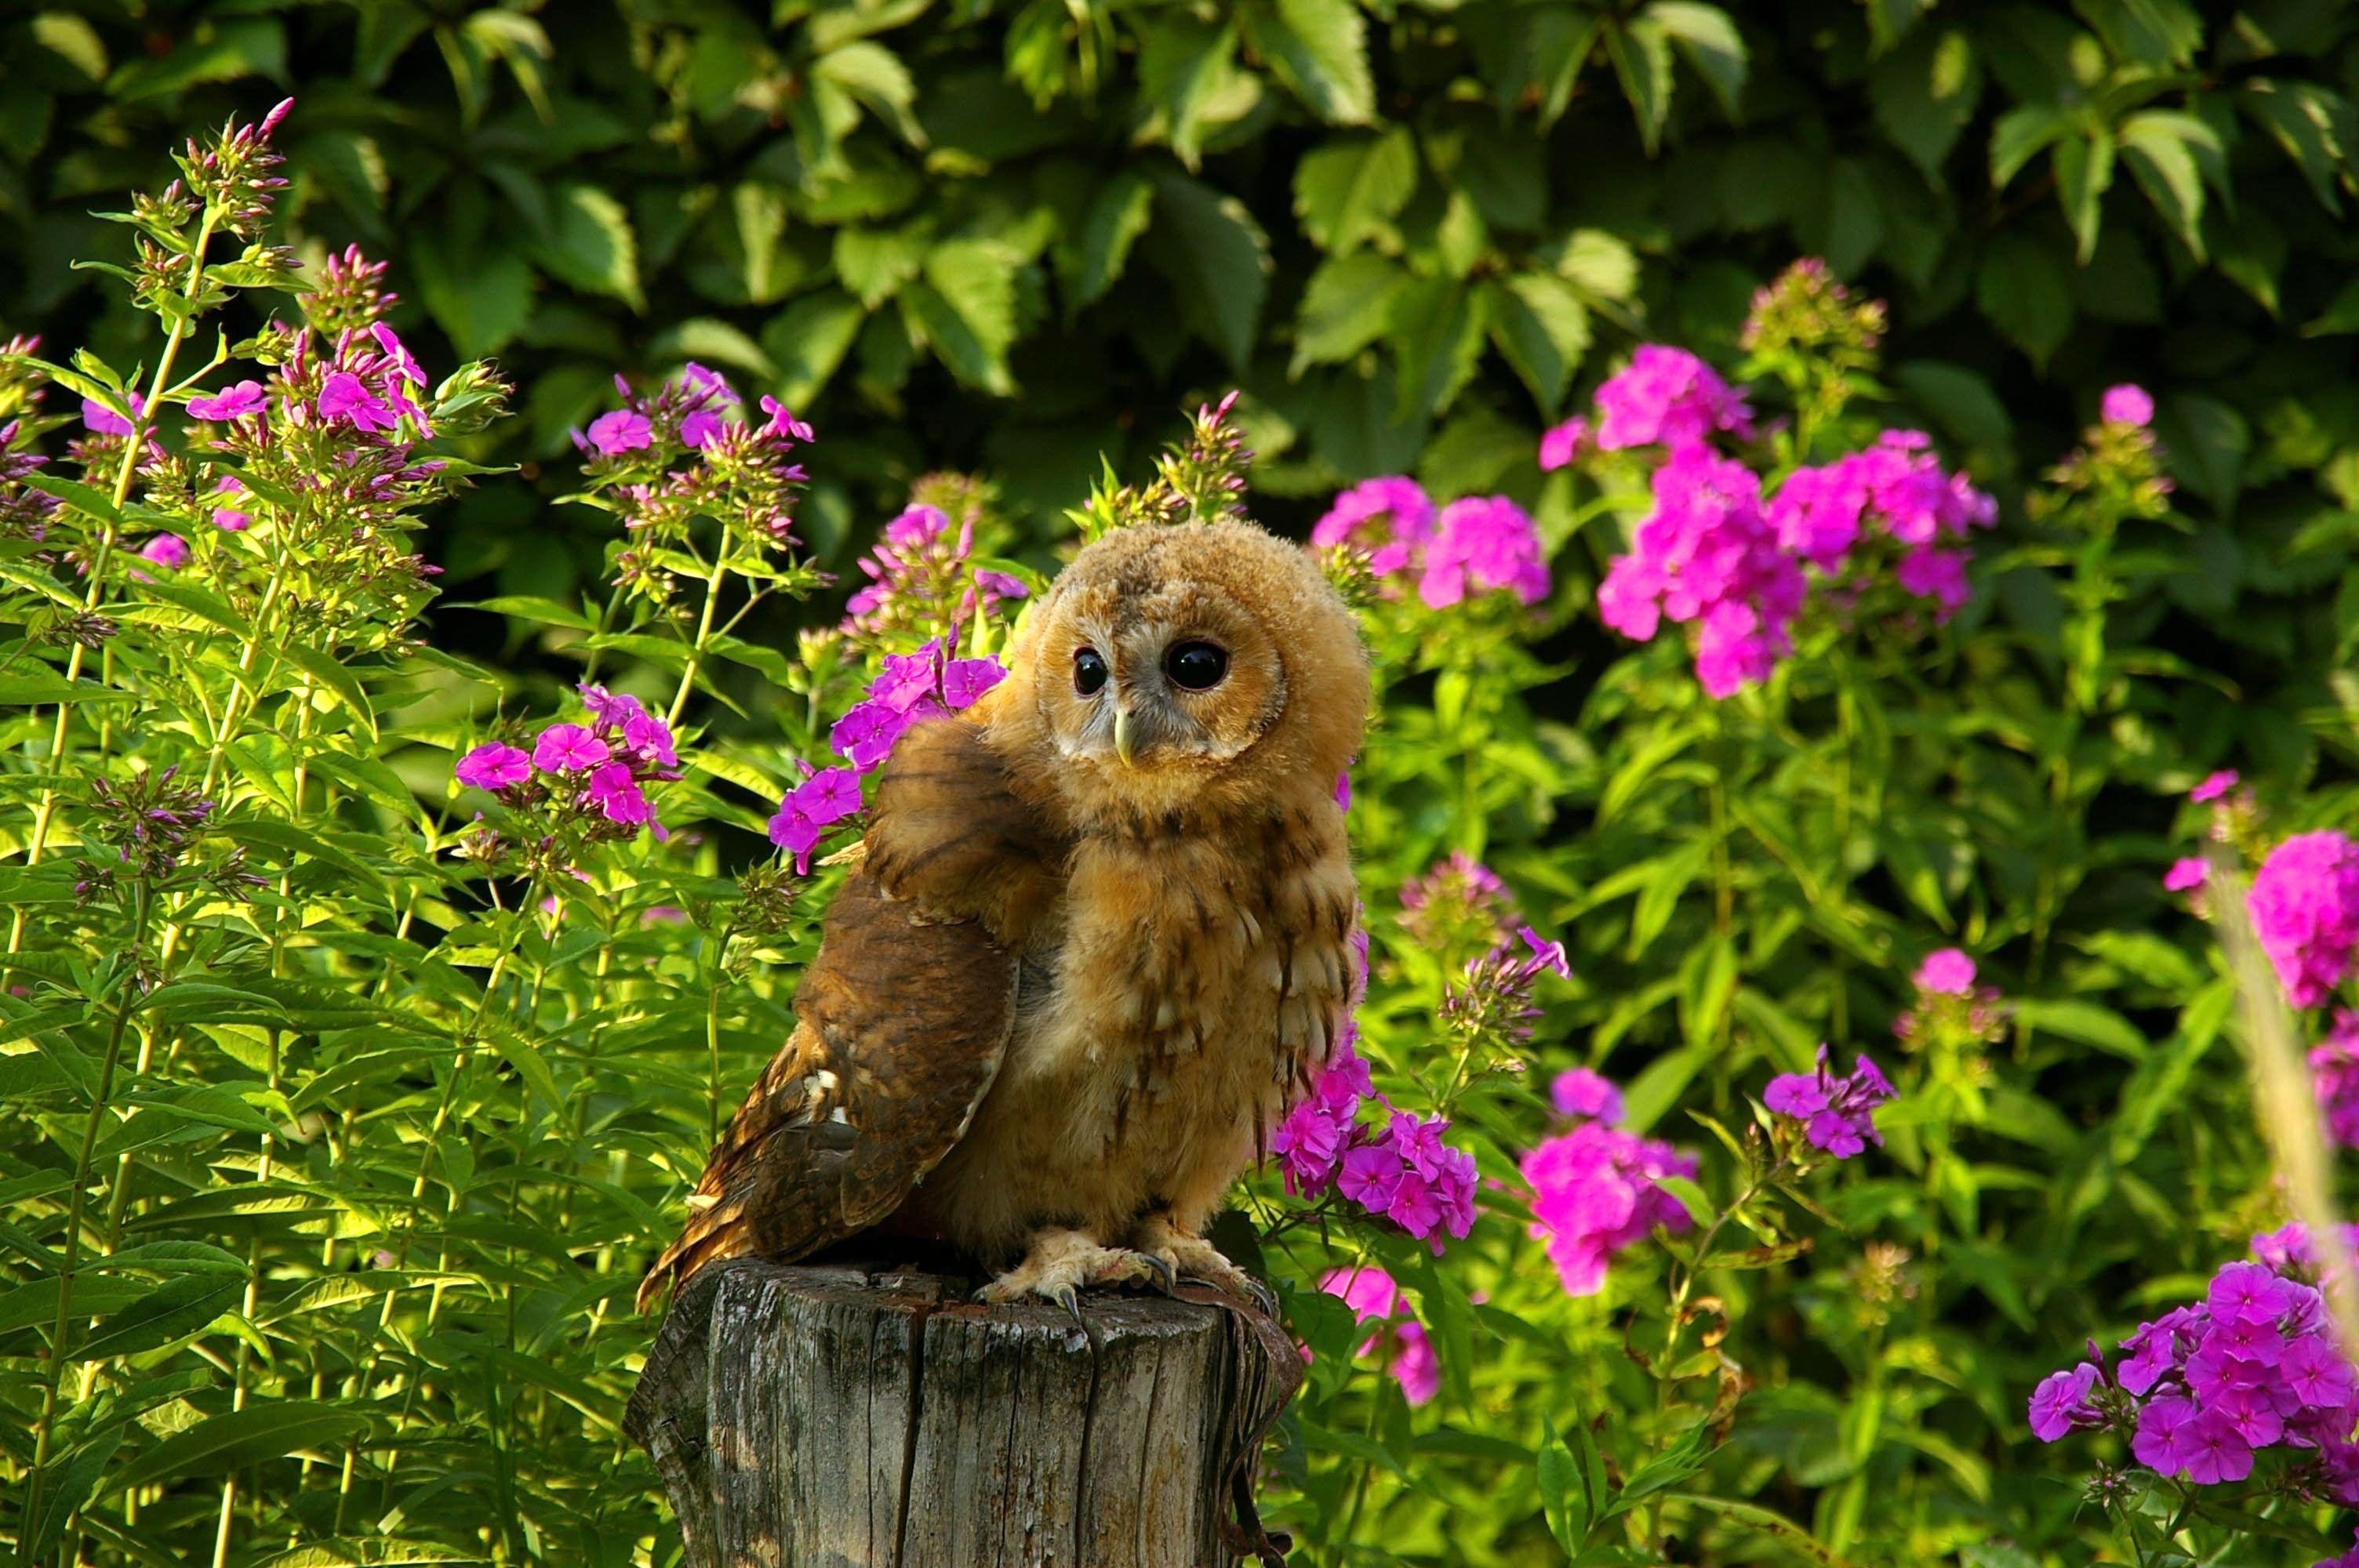 125903 скачать обои Трава, Животные, Цветы, Птица, Сидеть, Сова, Хищник, Бревно - заставки и картинки бесплатно